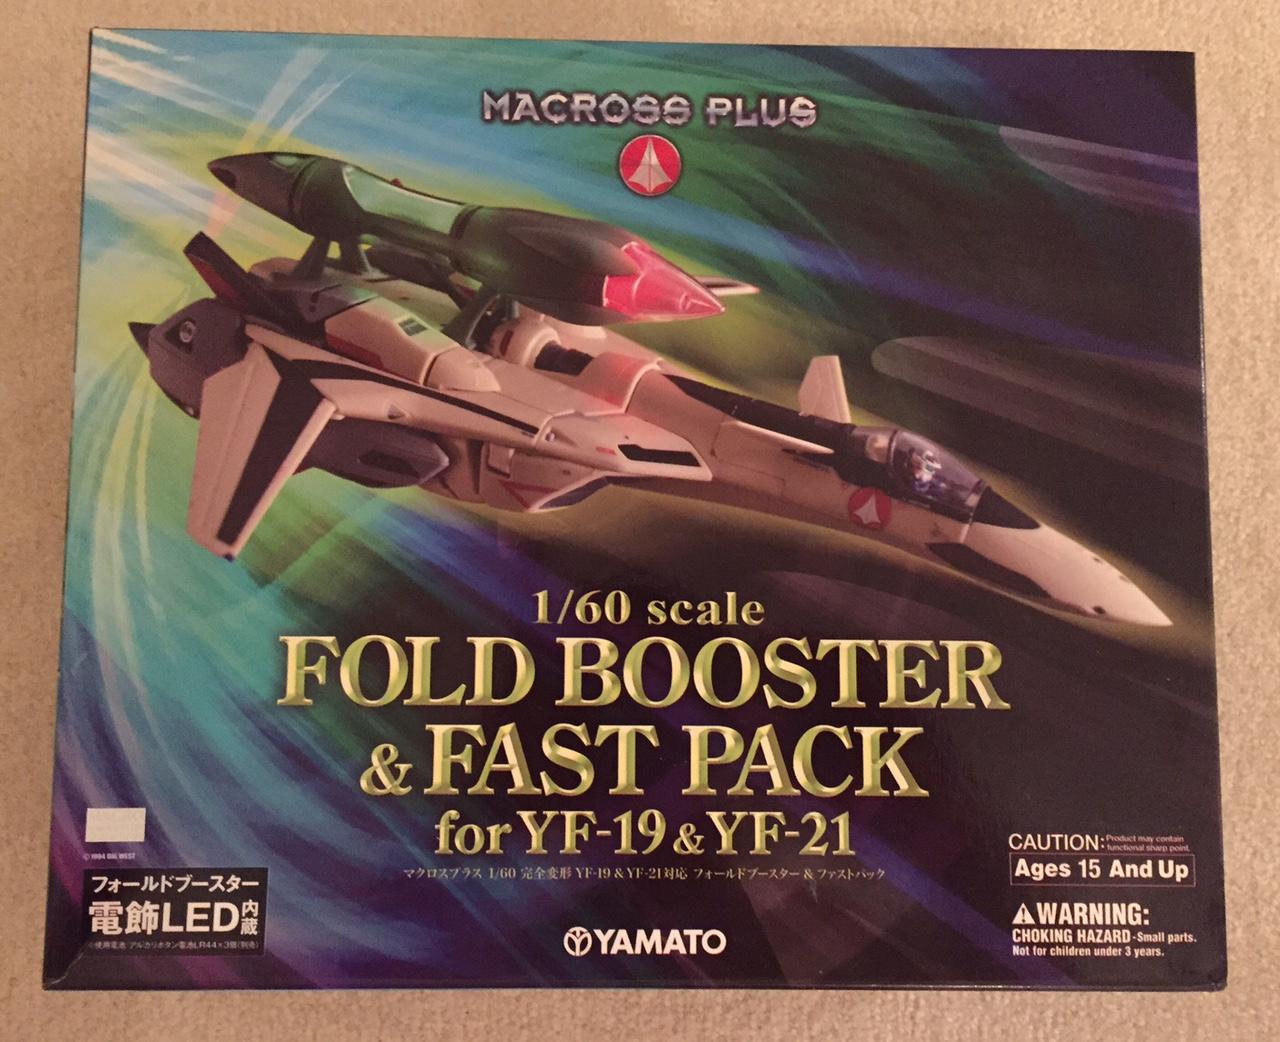 foldbooster&fastpack yf19&yf21